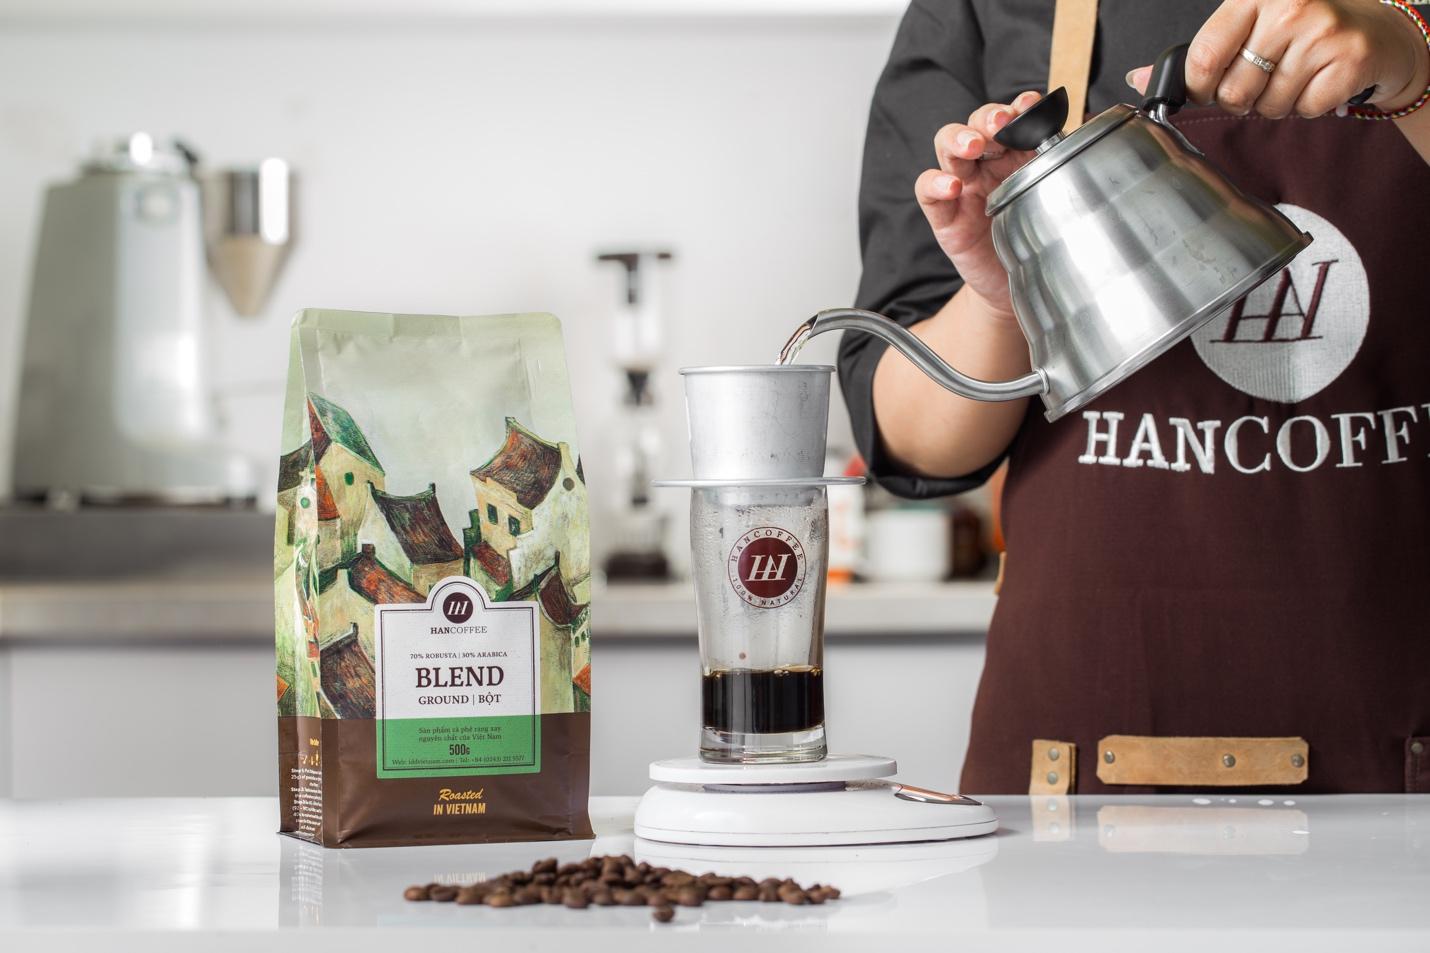 """cà phê việt - img20181224161947965 - Có gì bên trong những chiếc bao bì """"đẹp như tranh"""" vừa mới ra mắt thị trường cà phê Việt?"""